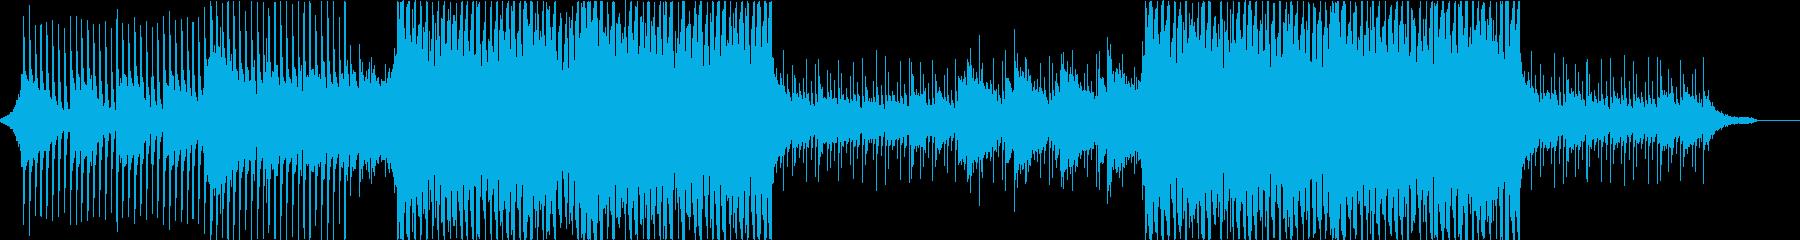 ベルの音色が爽やかなポップスの再生済みの波形